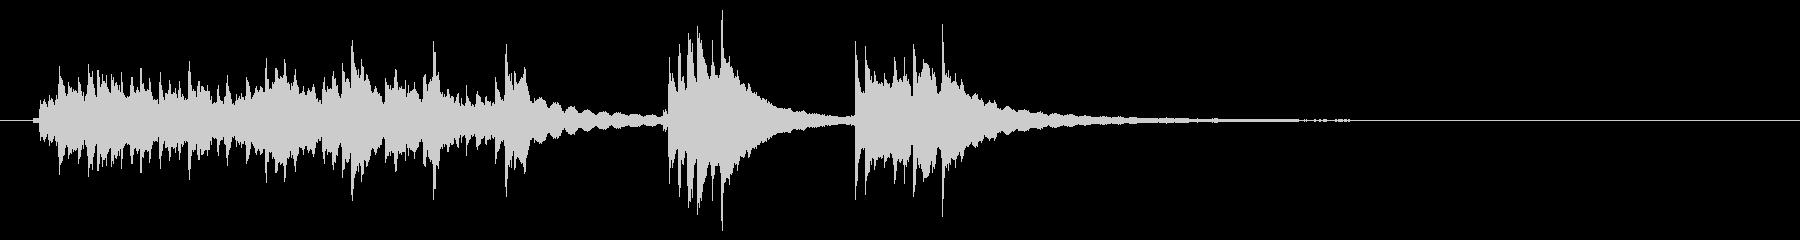 電気ドアベル:ヴィンテージベルリン...の未再生の波形